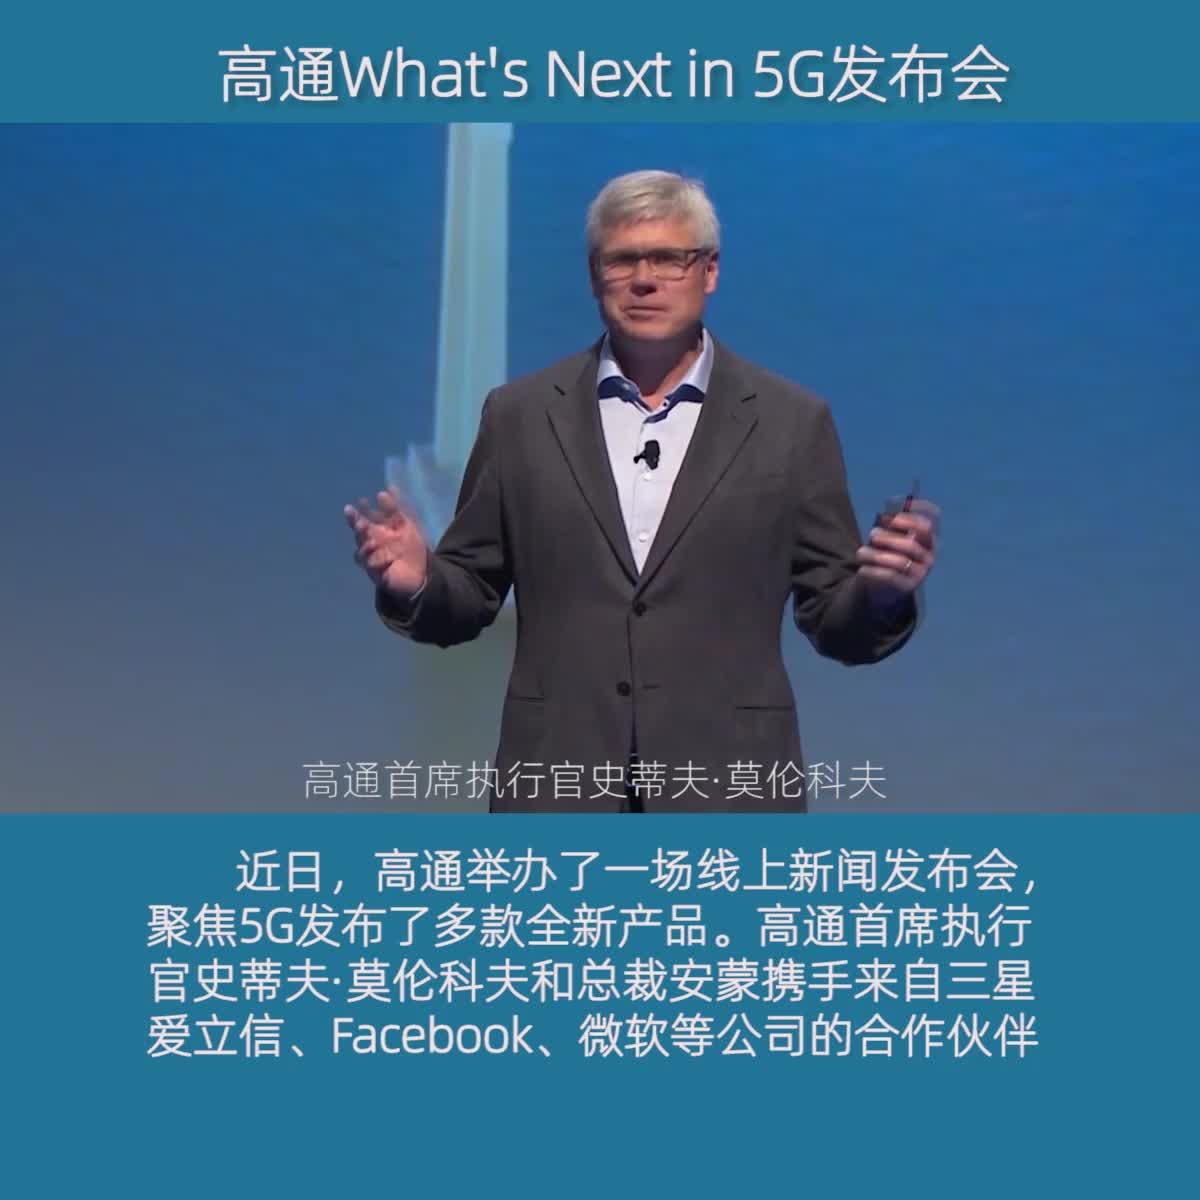 环球发布速览带你看高通5G新品发布会